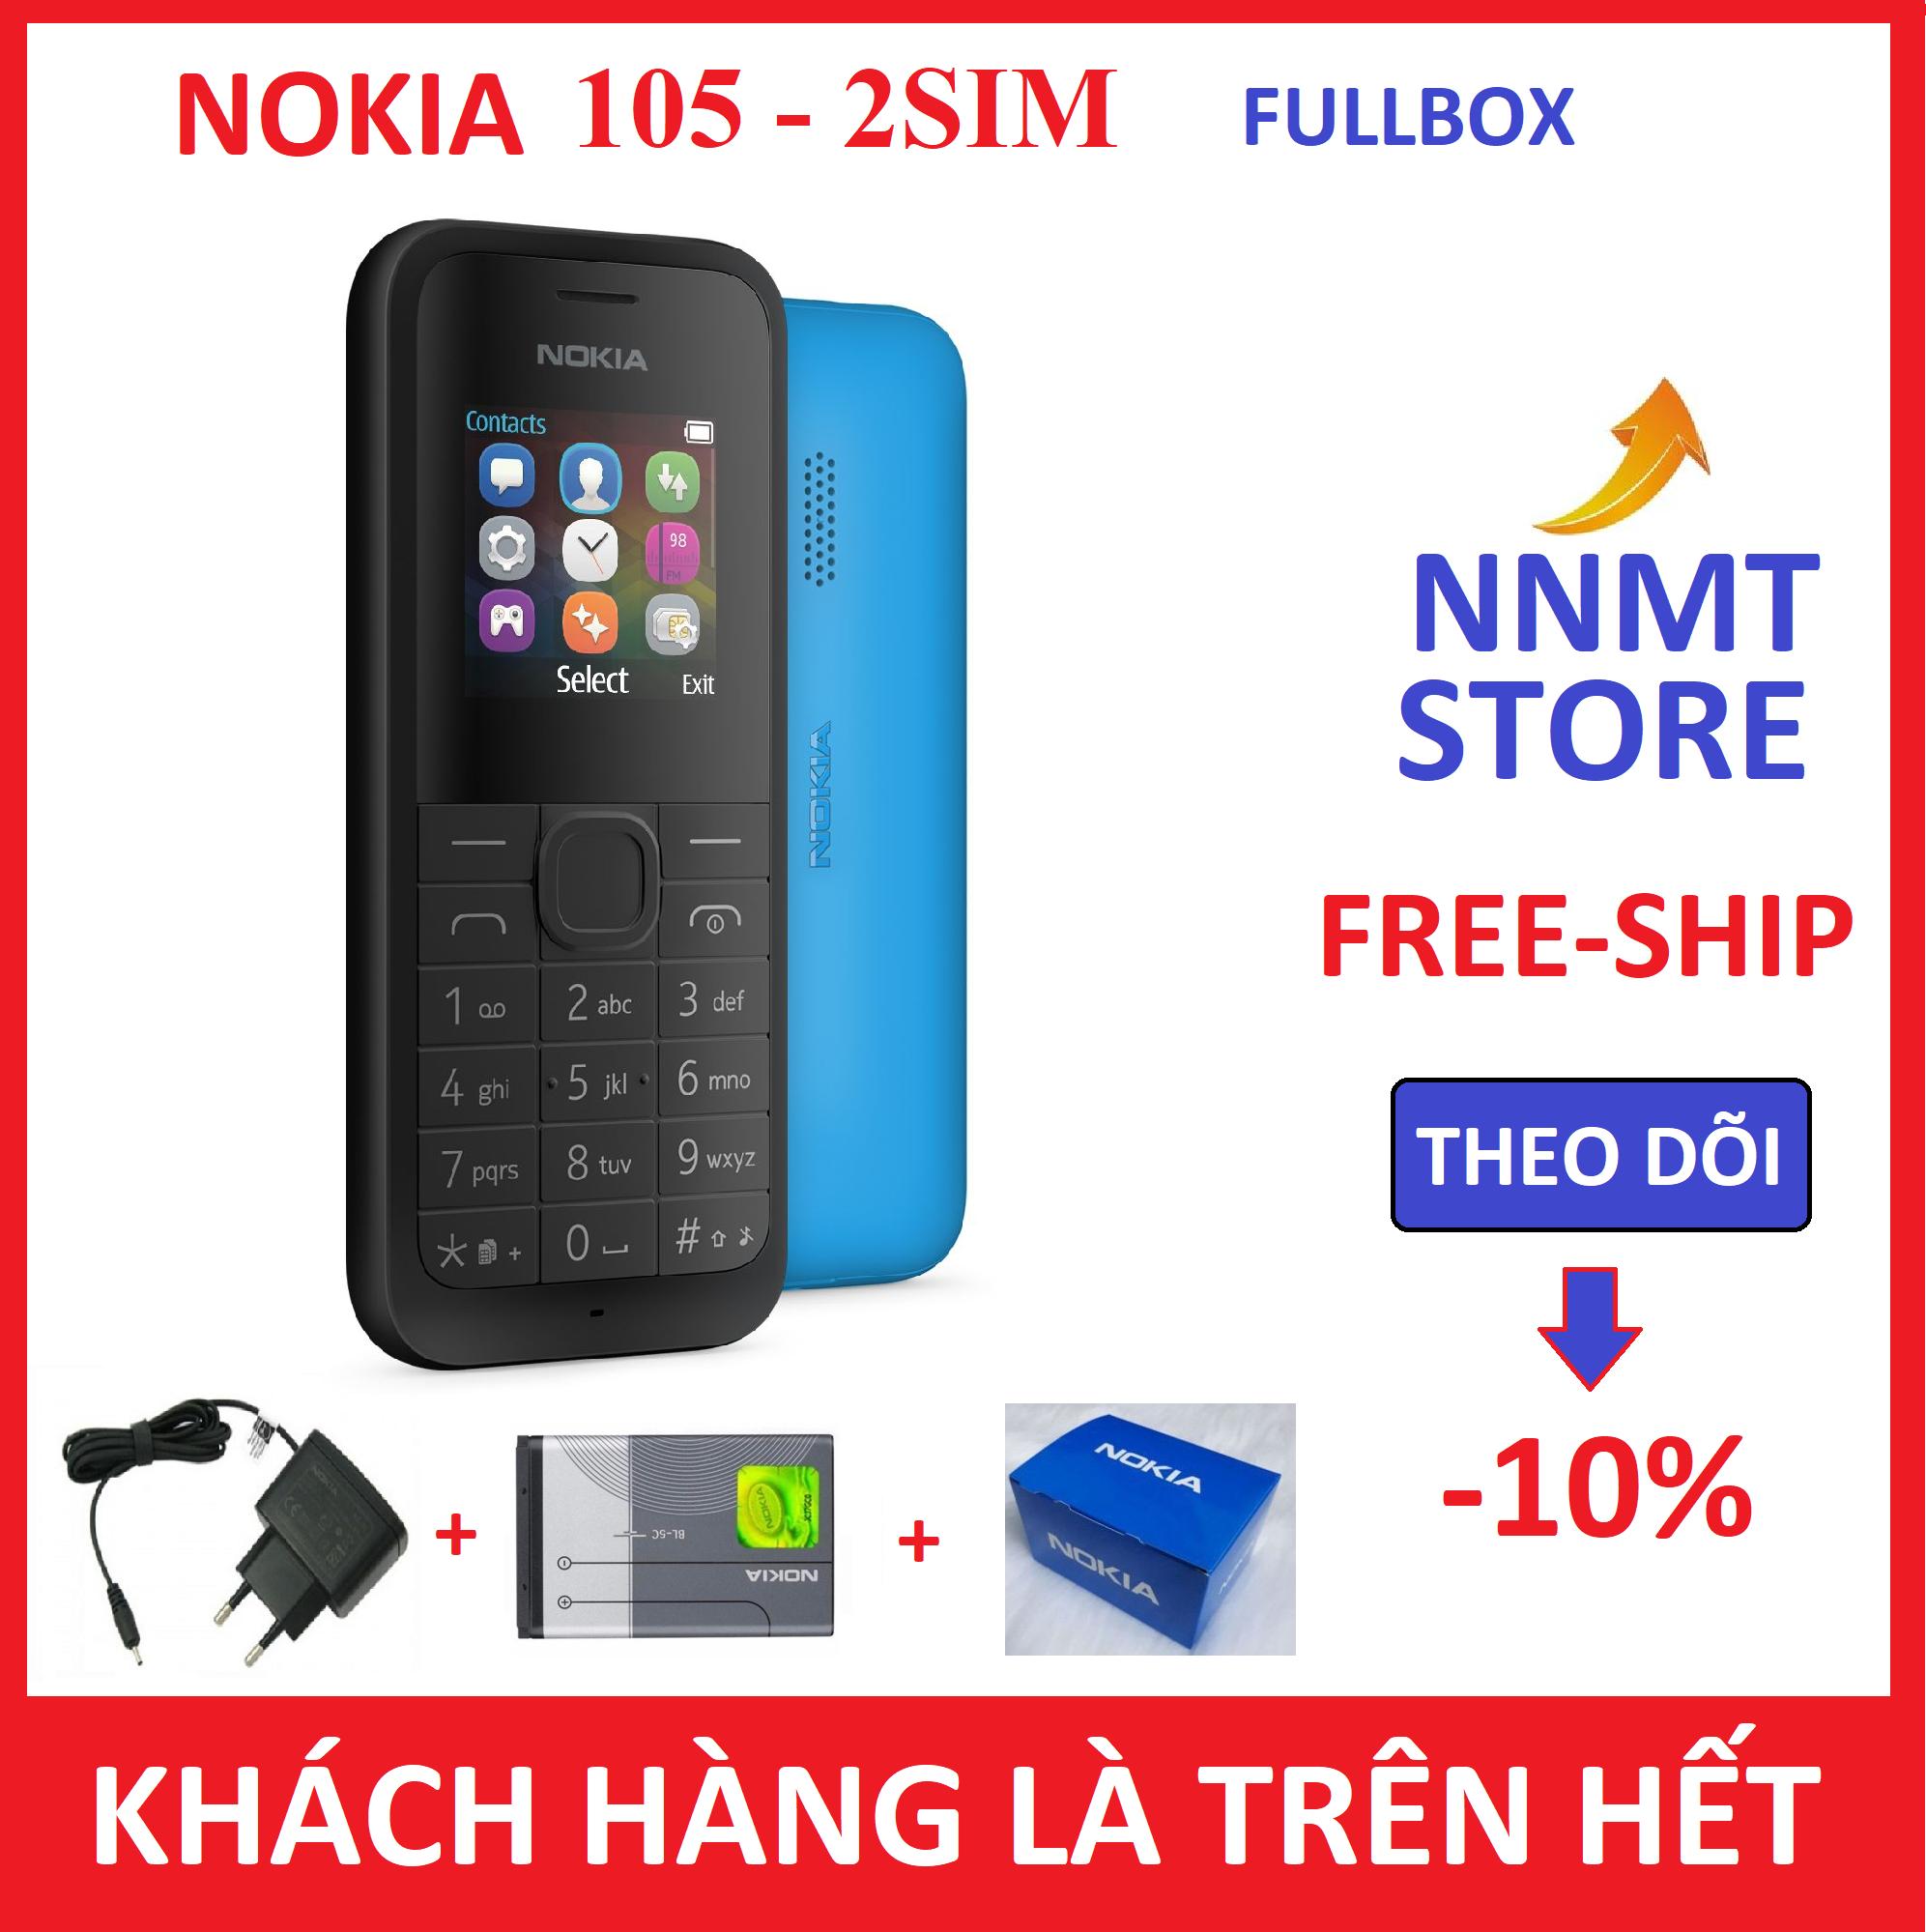 Điện thoại Nokia 105 giá rẻ (Máy, pin, sạc) – Siêu rẻ – Siêu bền – NNMT STORE